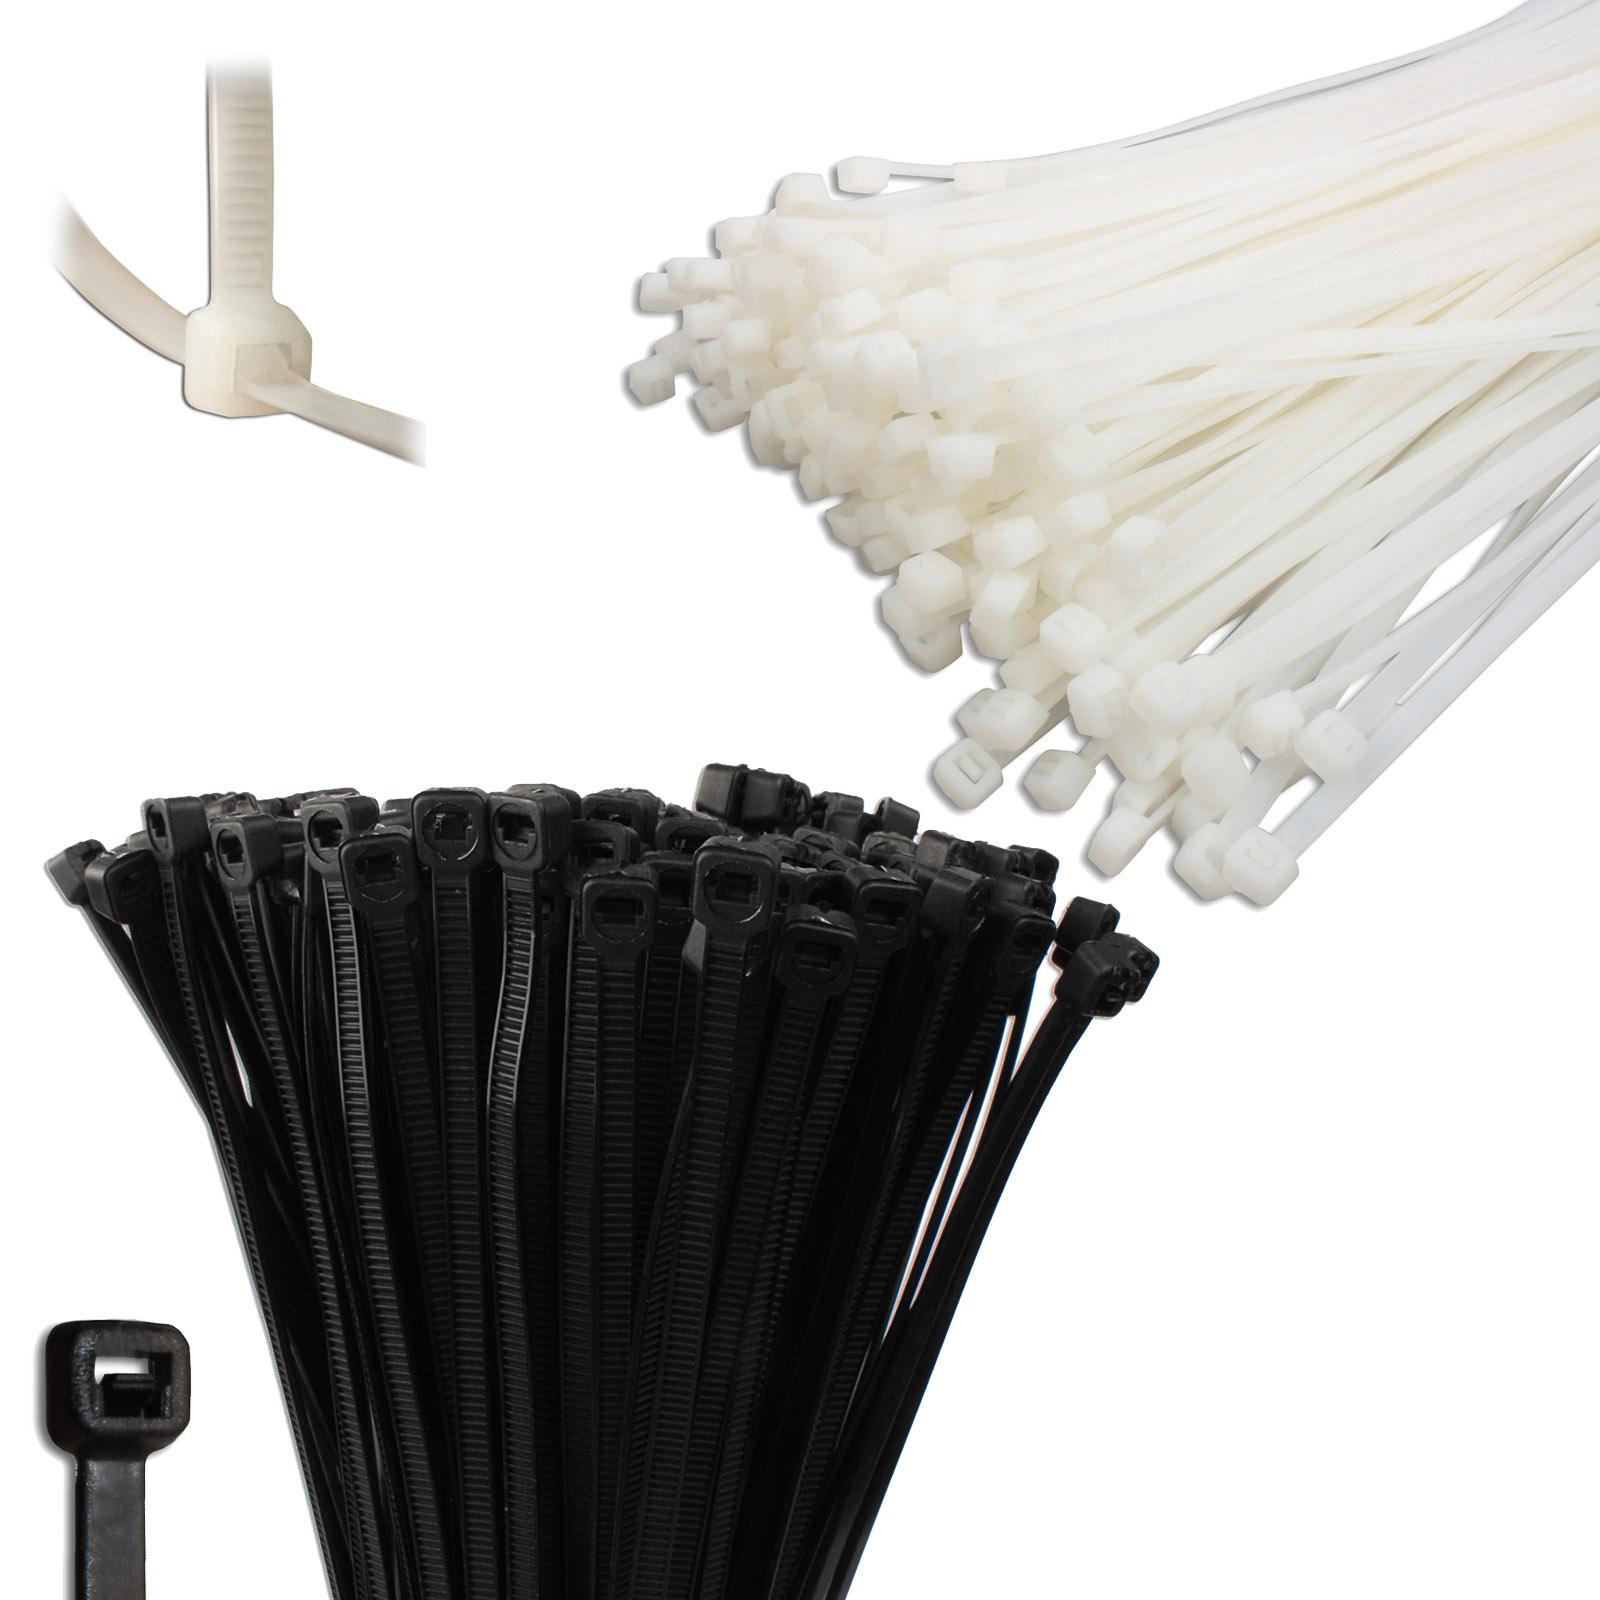 Kabelbinder UV-Beständig Industrie Kabelband Schwarz Weiß Natur ...